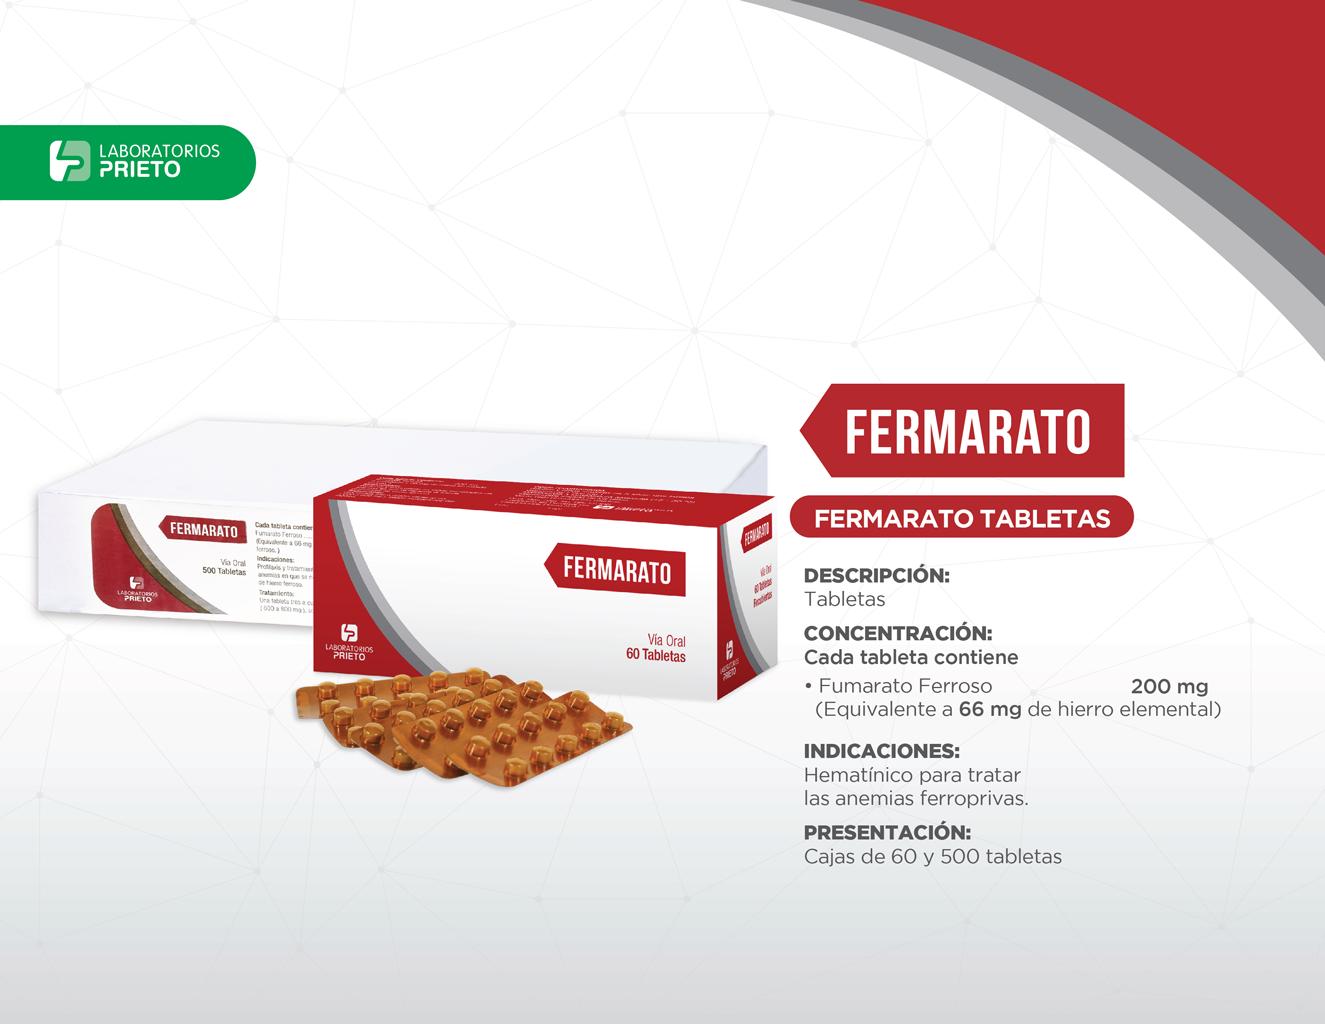 Vademecum-de-productos-Laboratorios-Prieto_Page_25